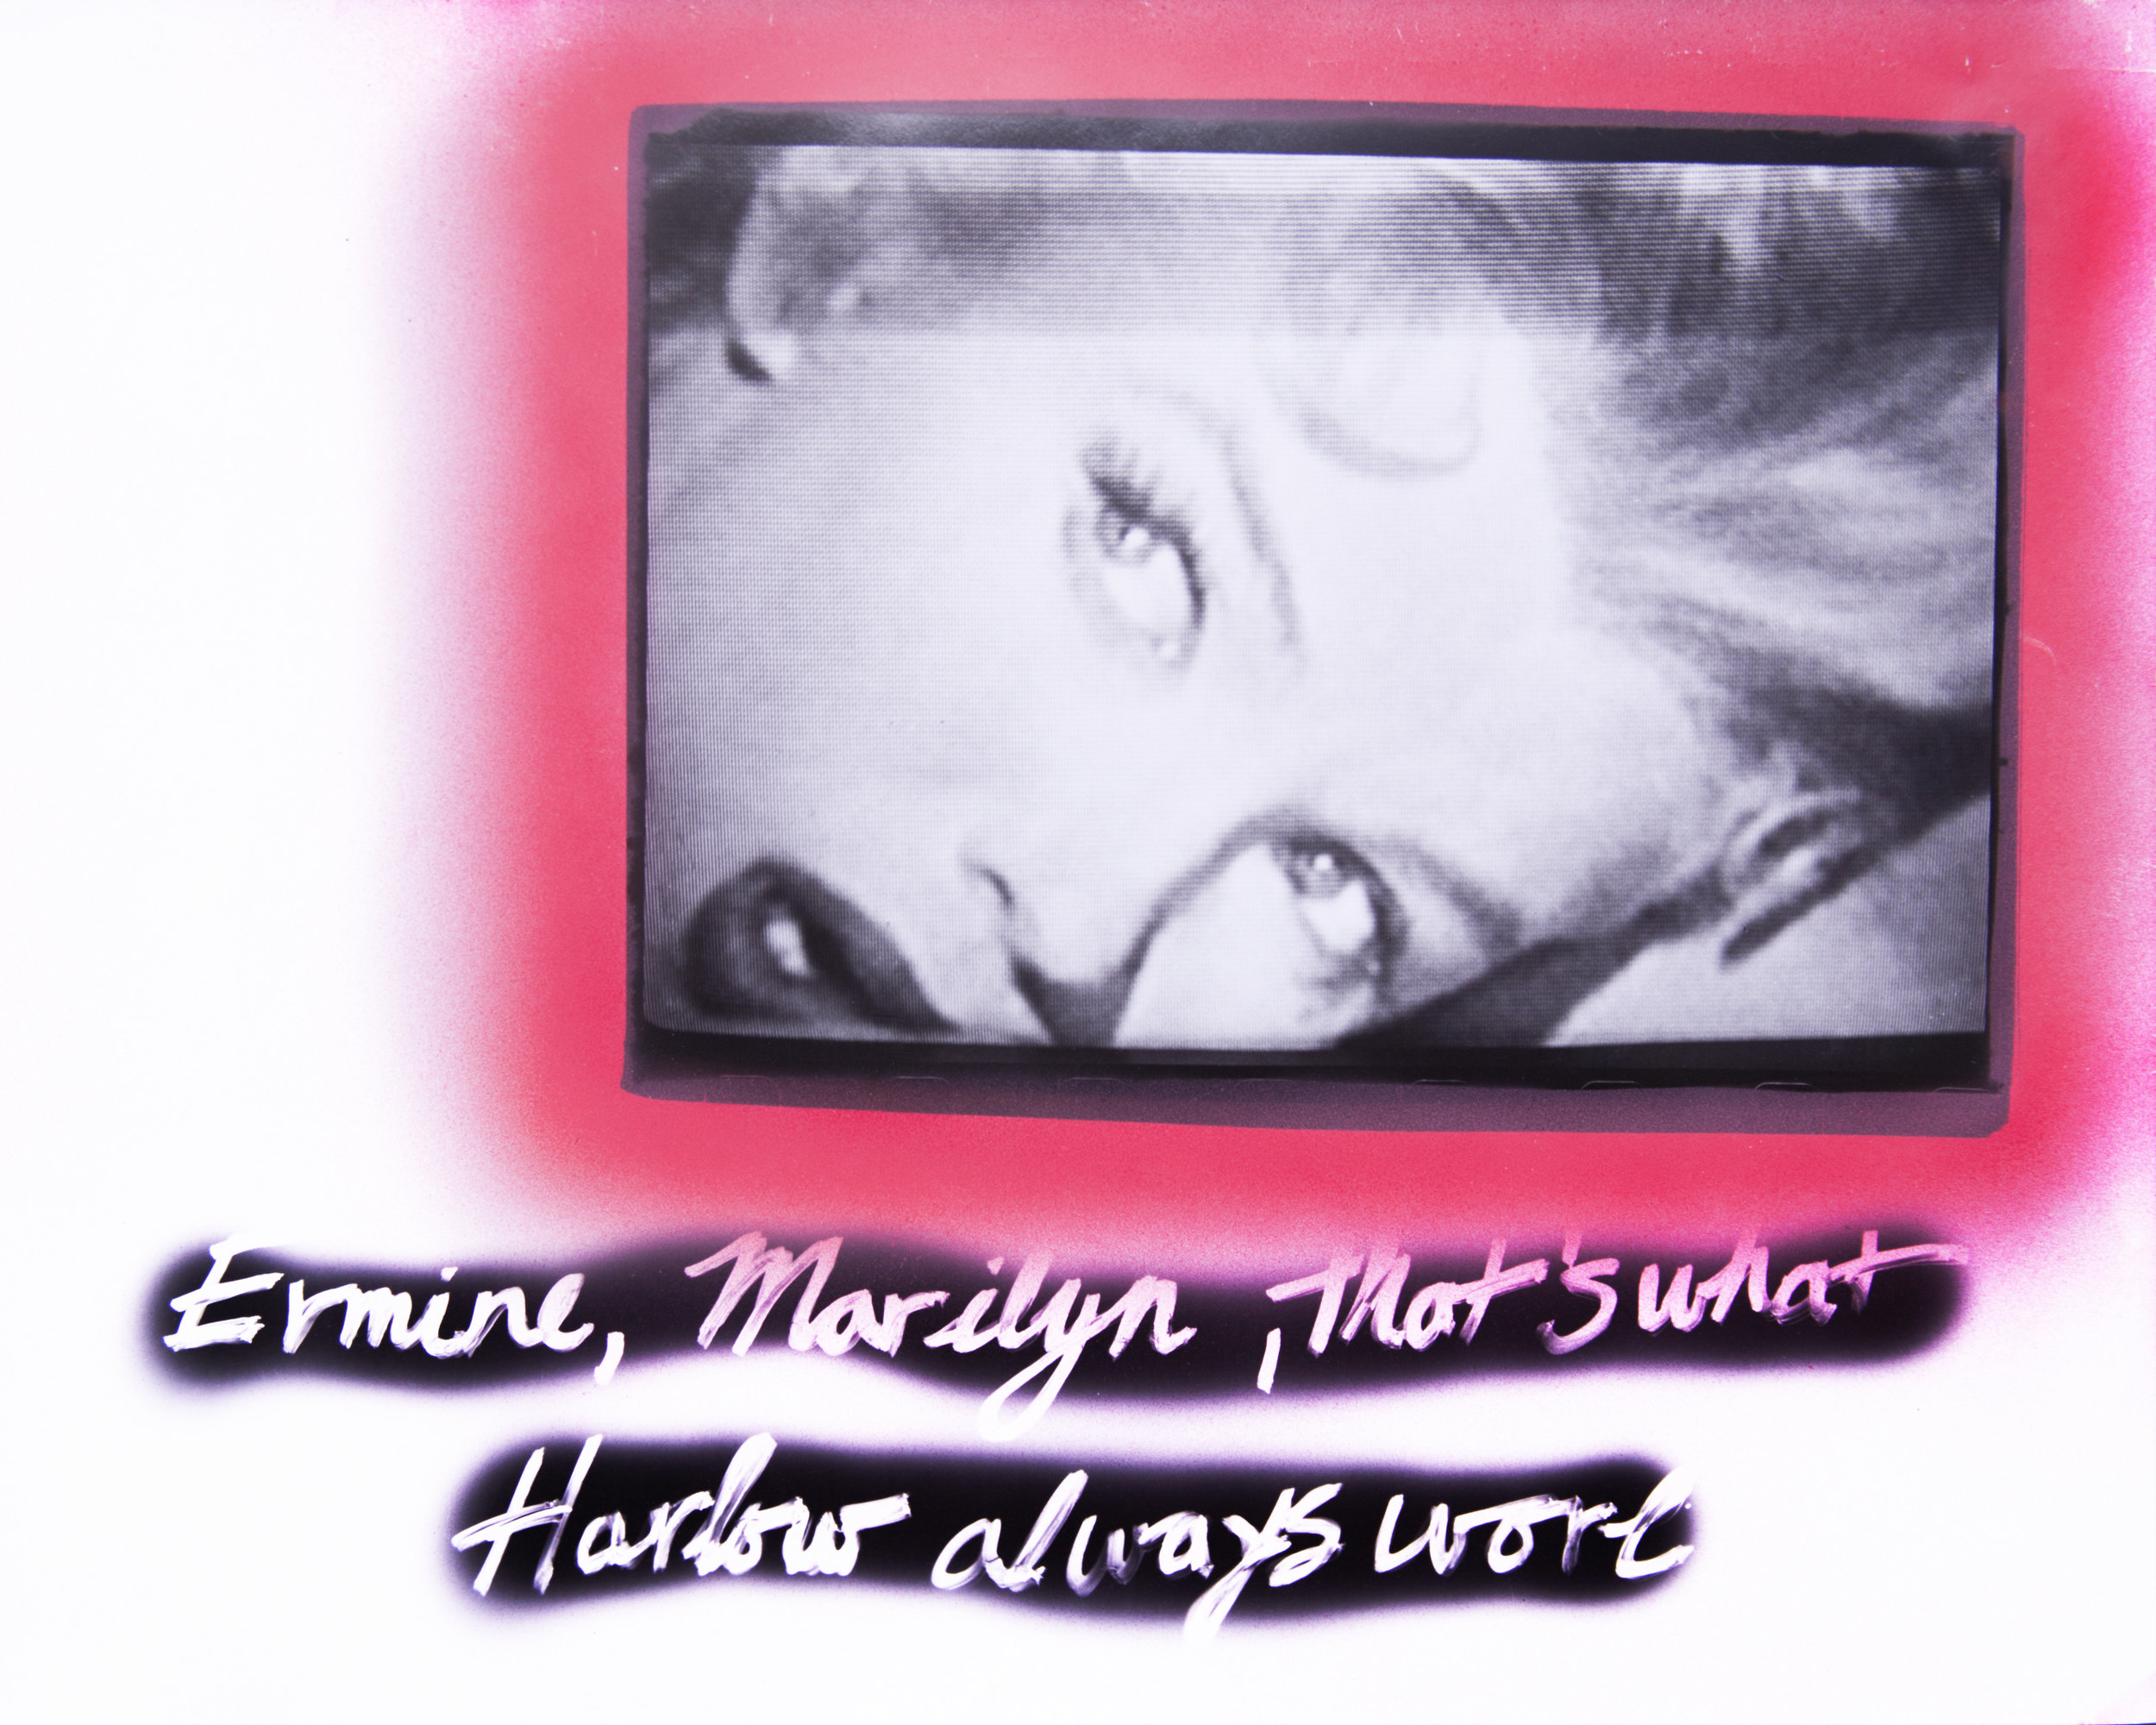 TV Text- Ermine